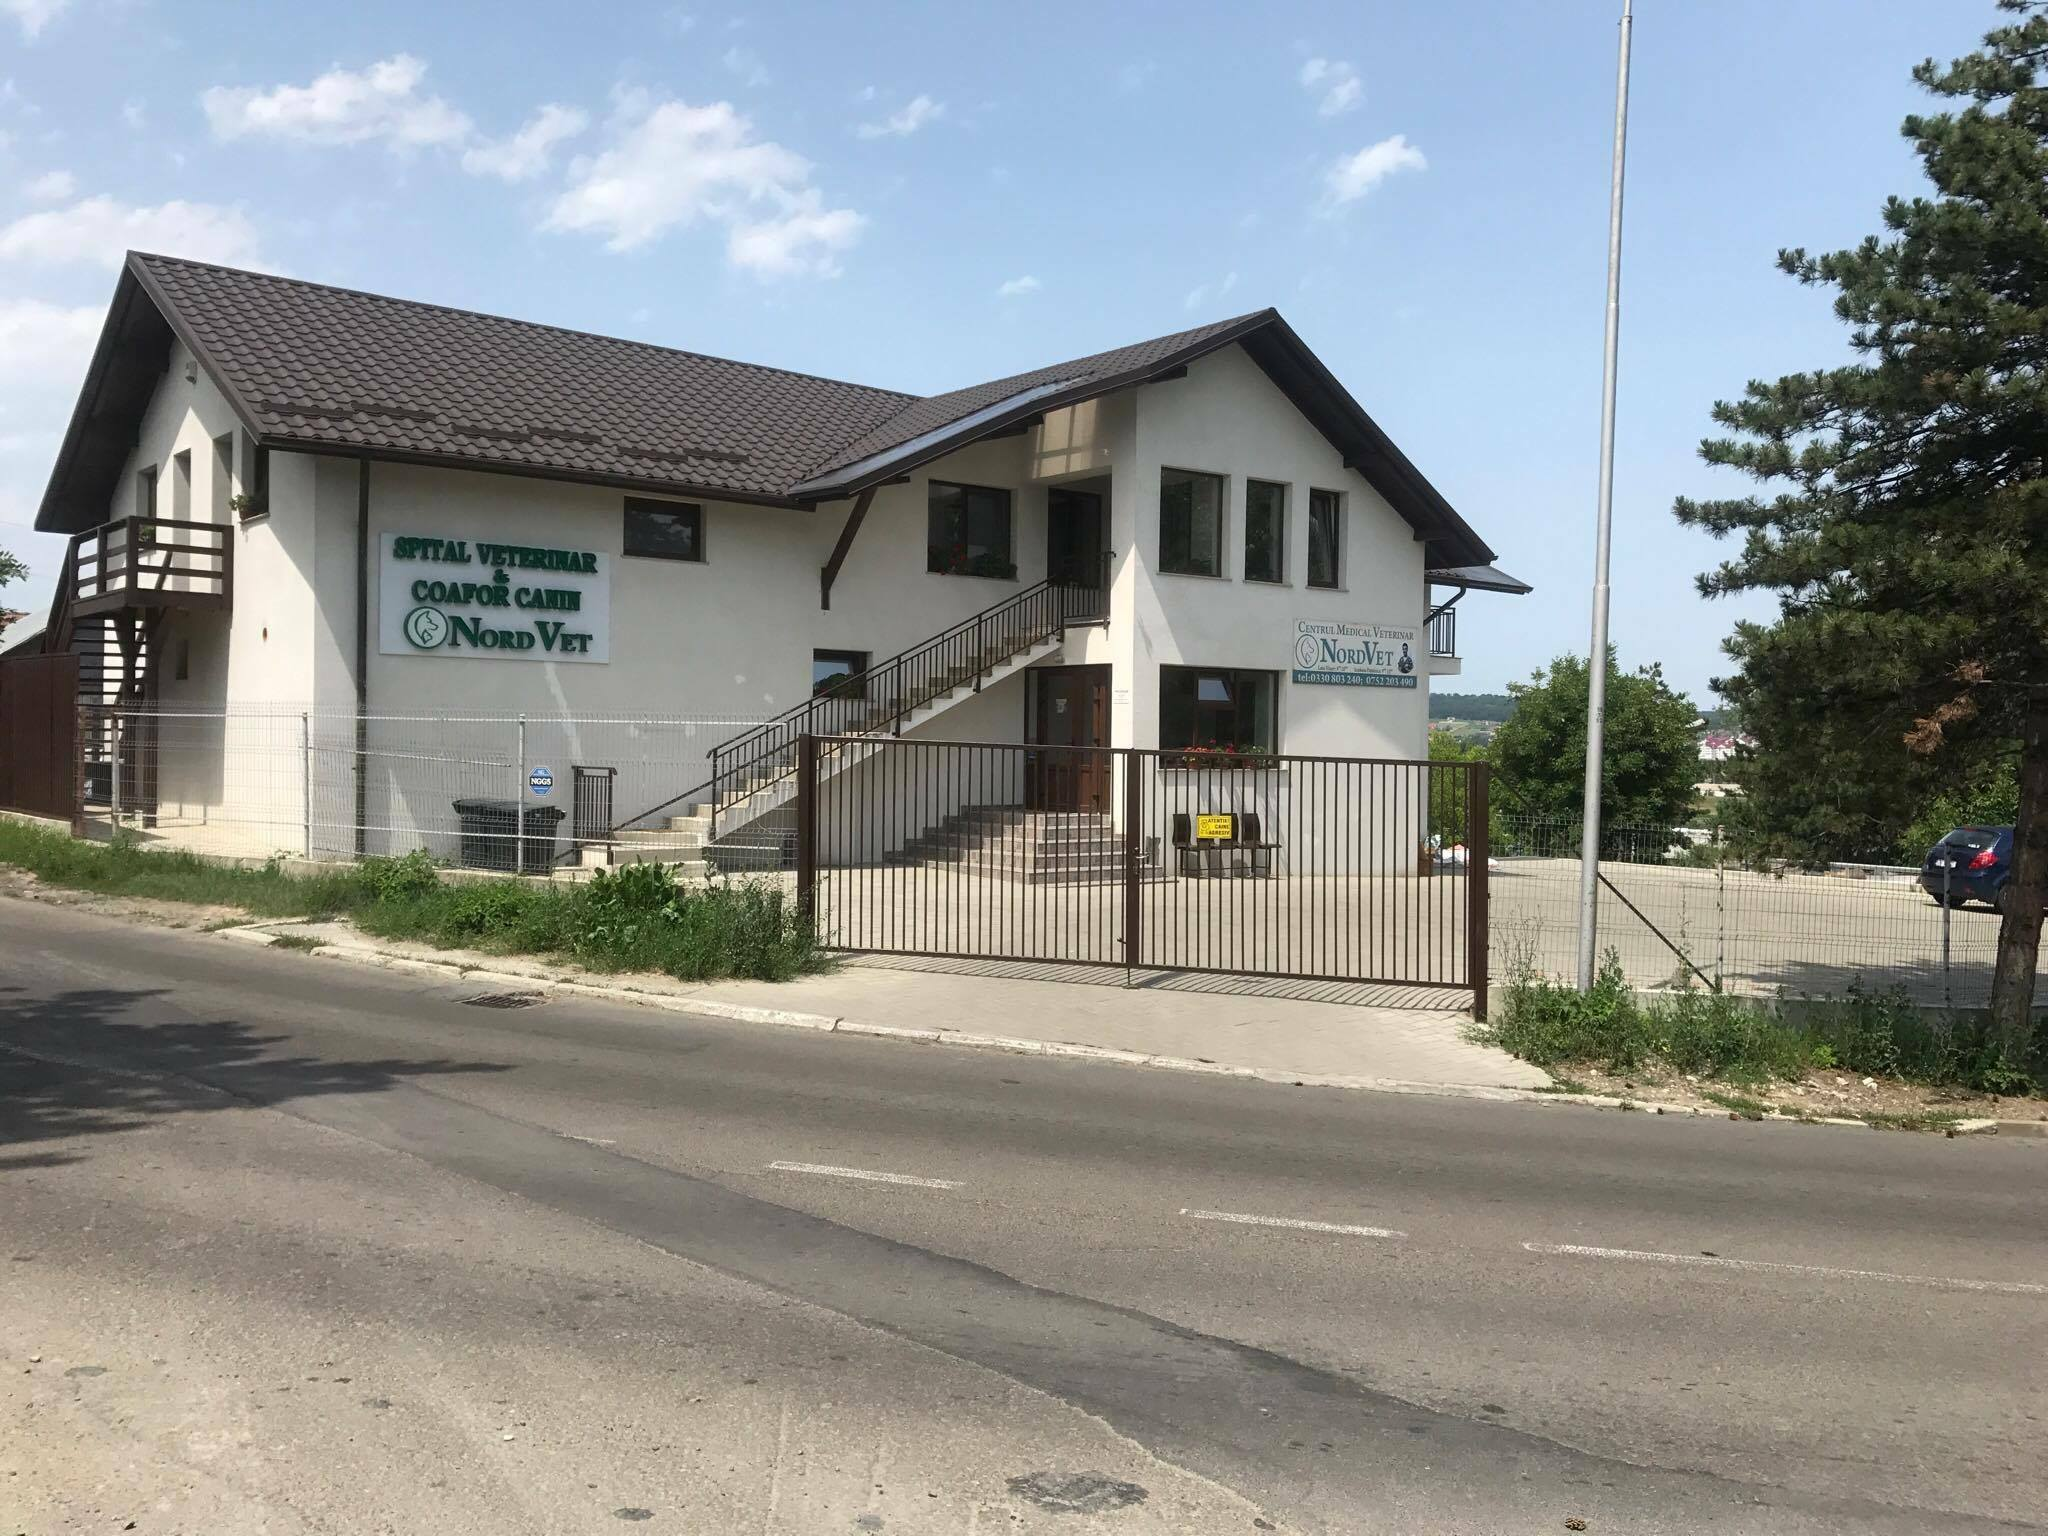 Aducem în atenția ta cea mai profesionistă clinica veterinara Suceava, dar și cel mai bun veterinar